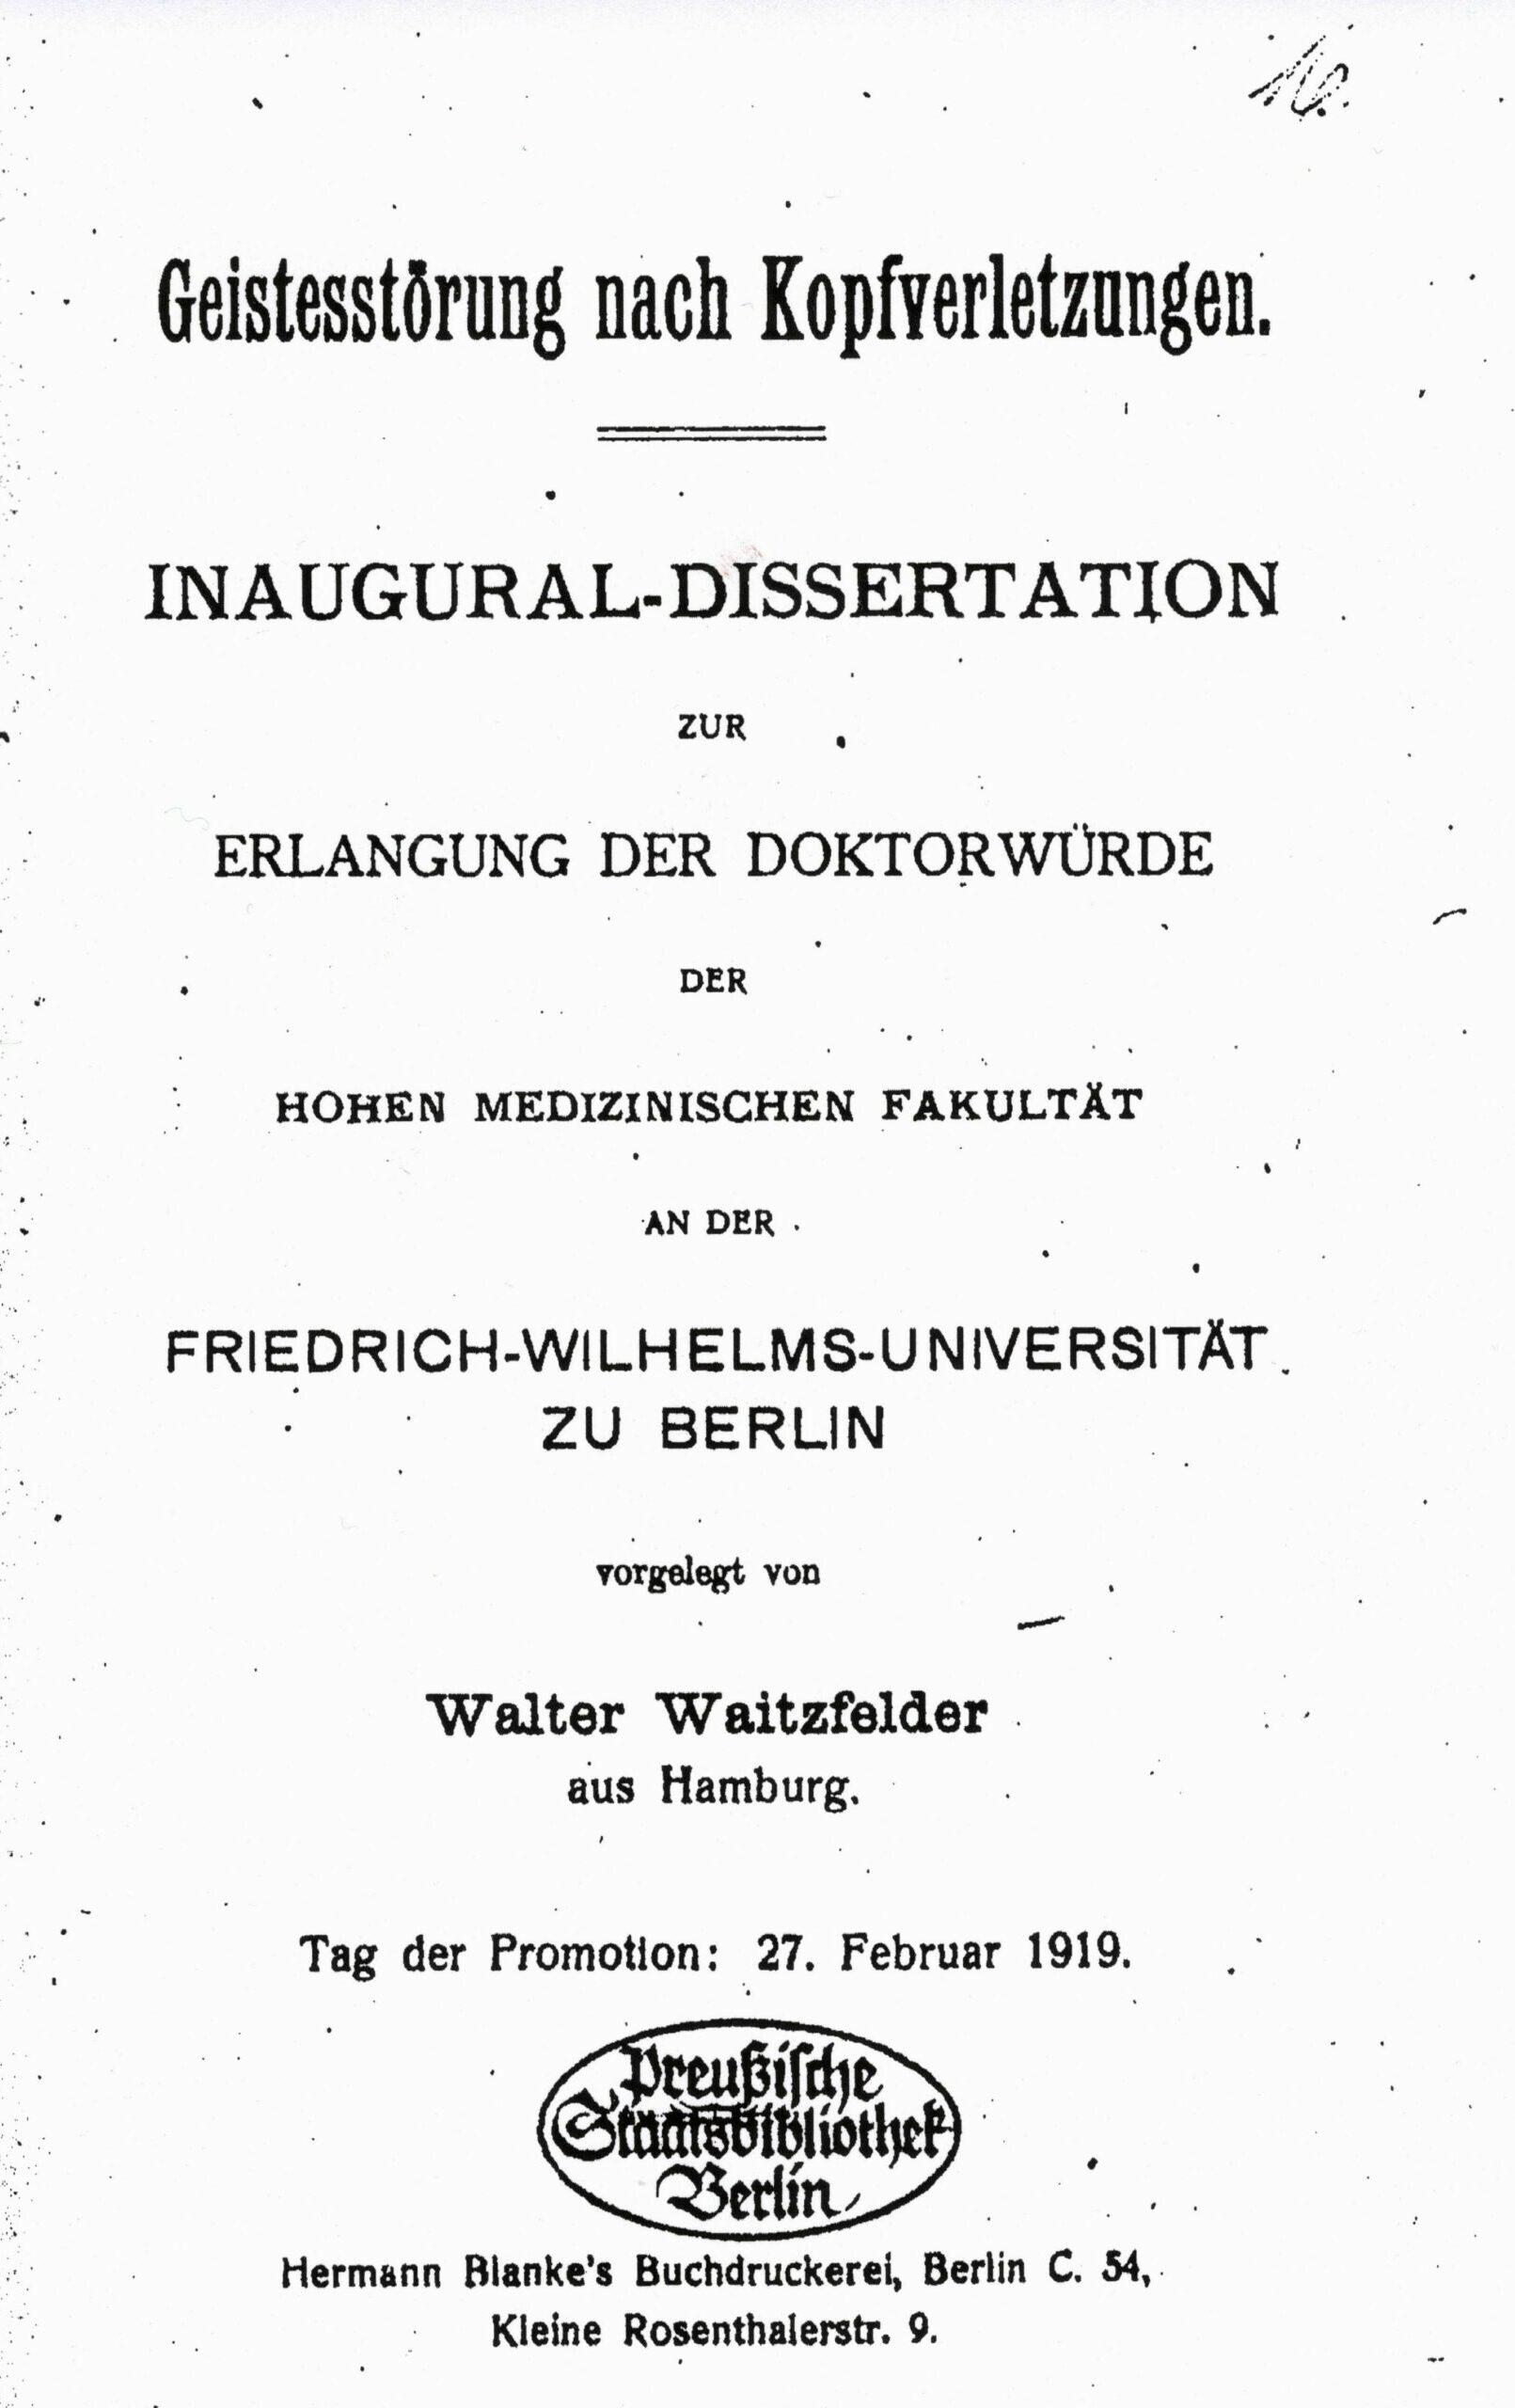 Dissertation, Berlin 1919